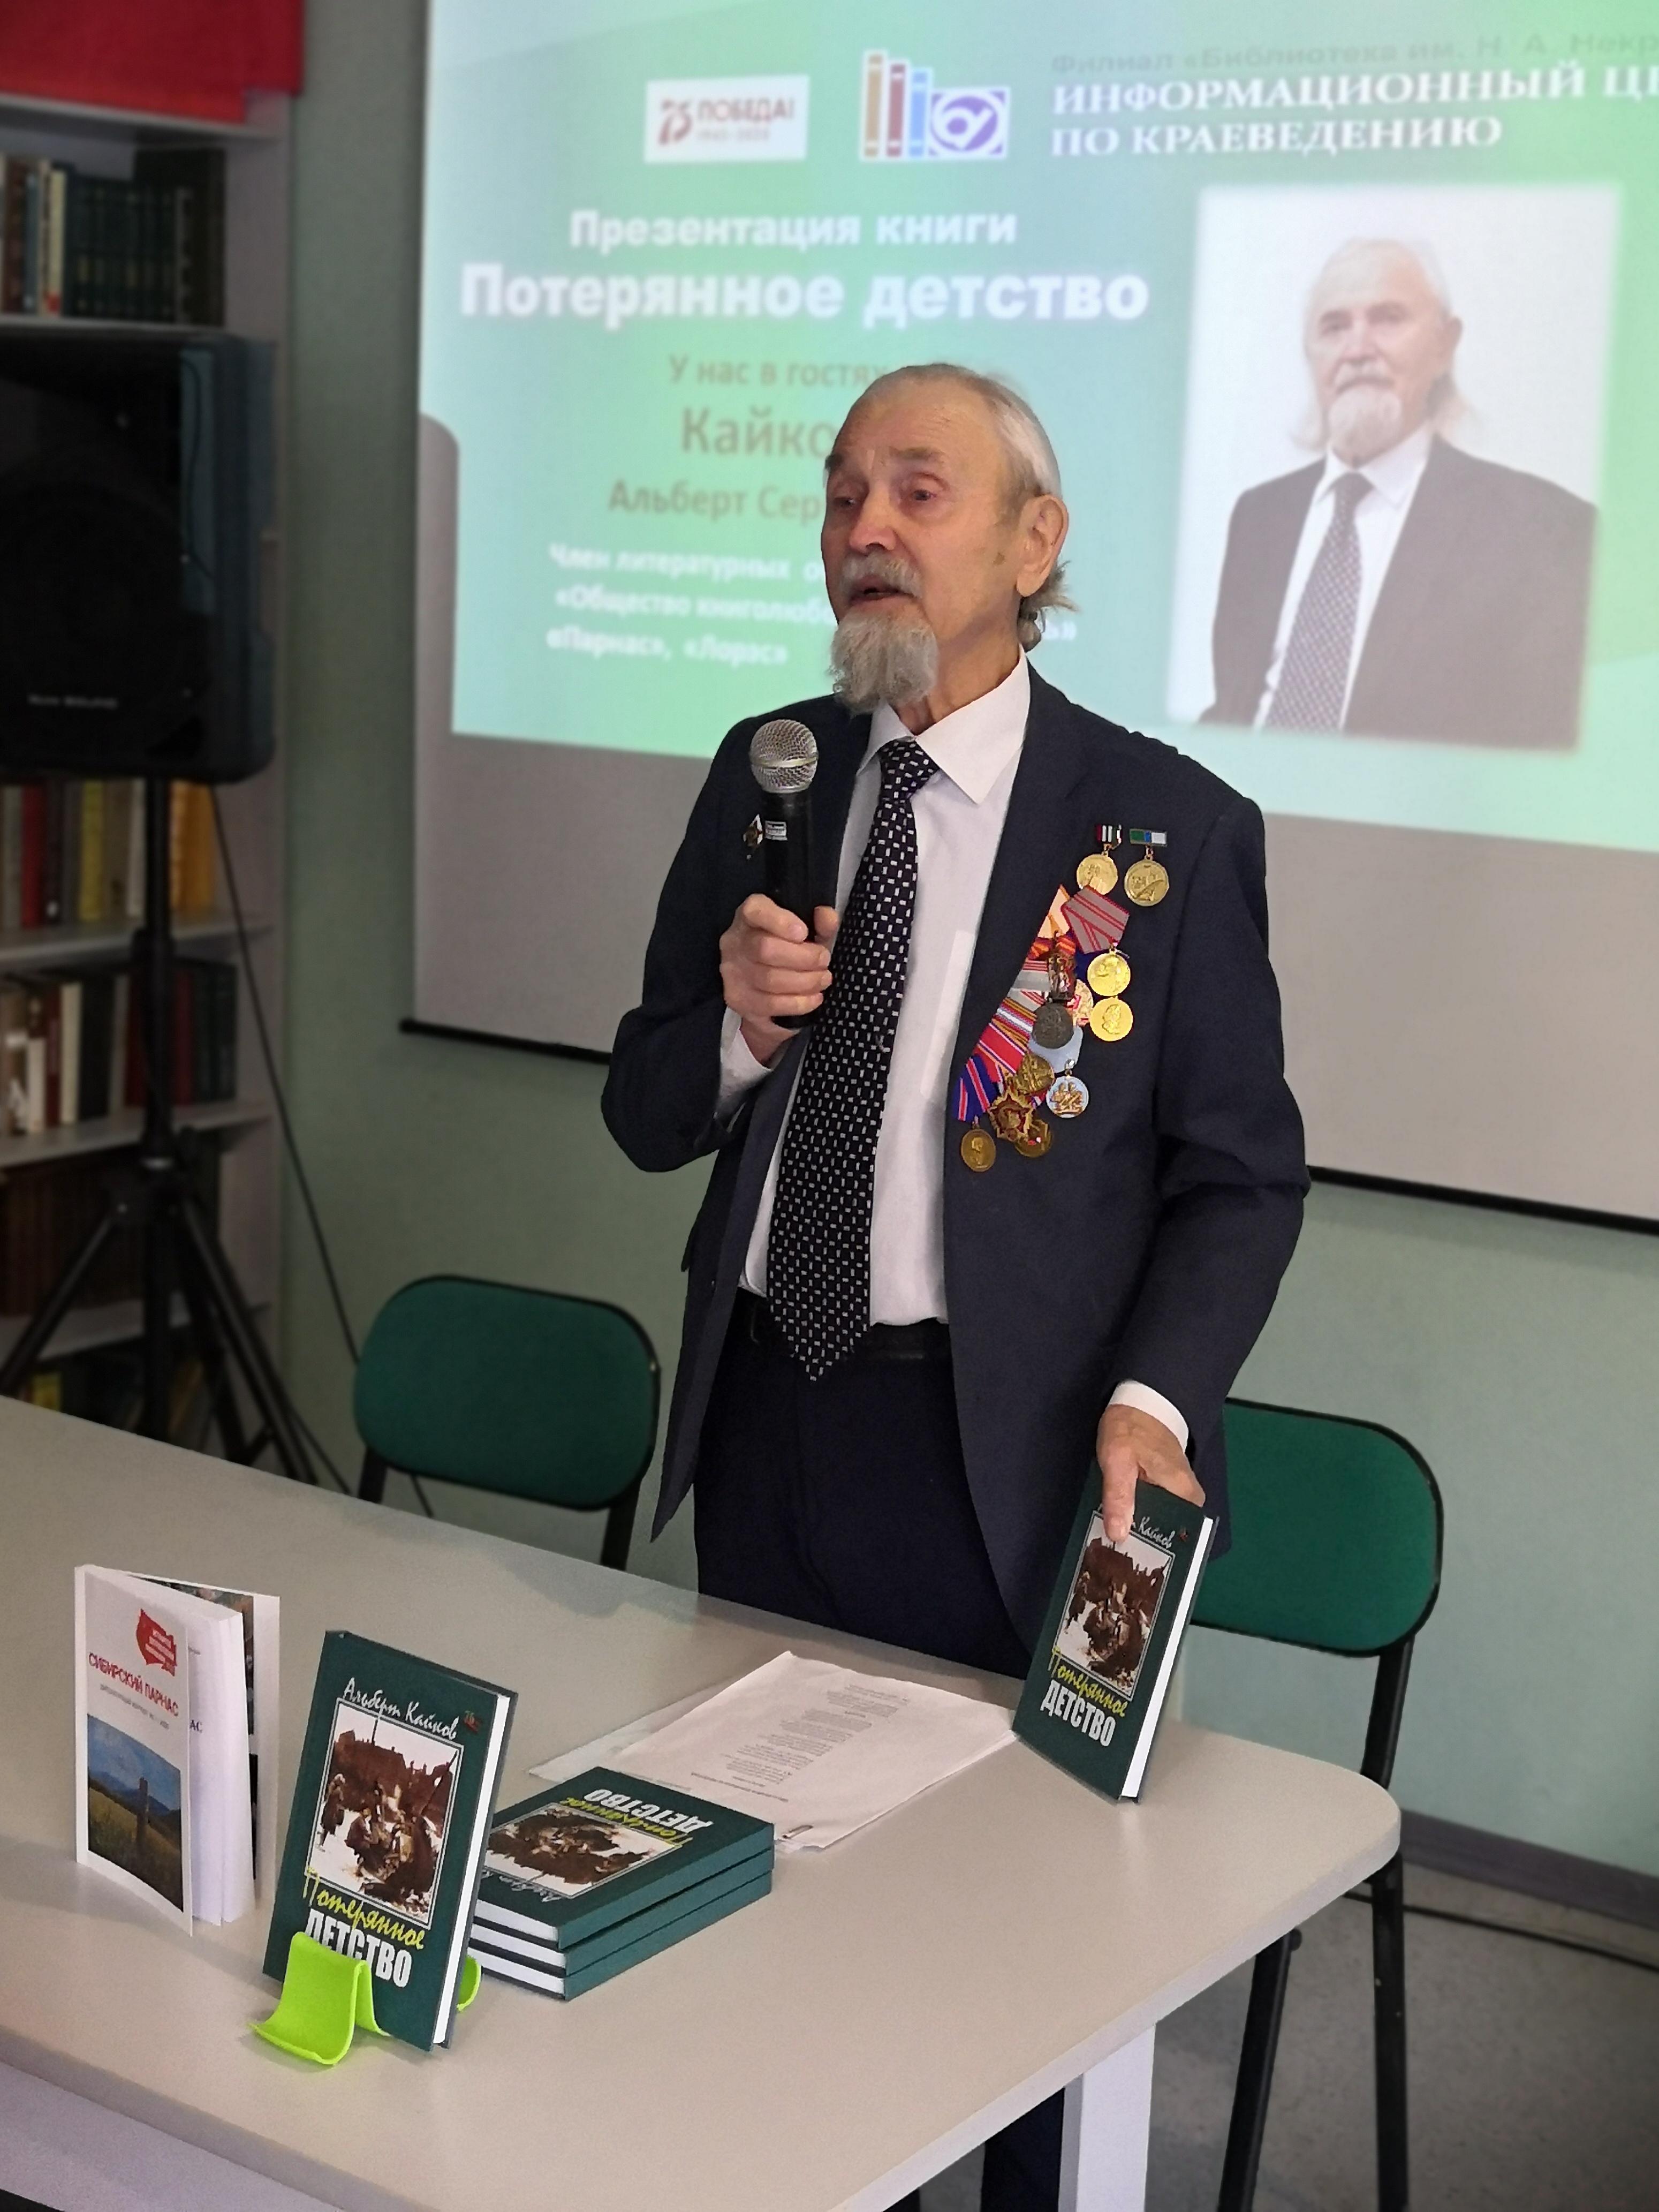 Презентация книги «Потерянное детство» в библиотеке им. Н.А. Некрасова в рамках года памяти и славы